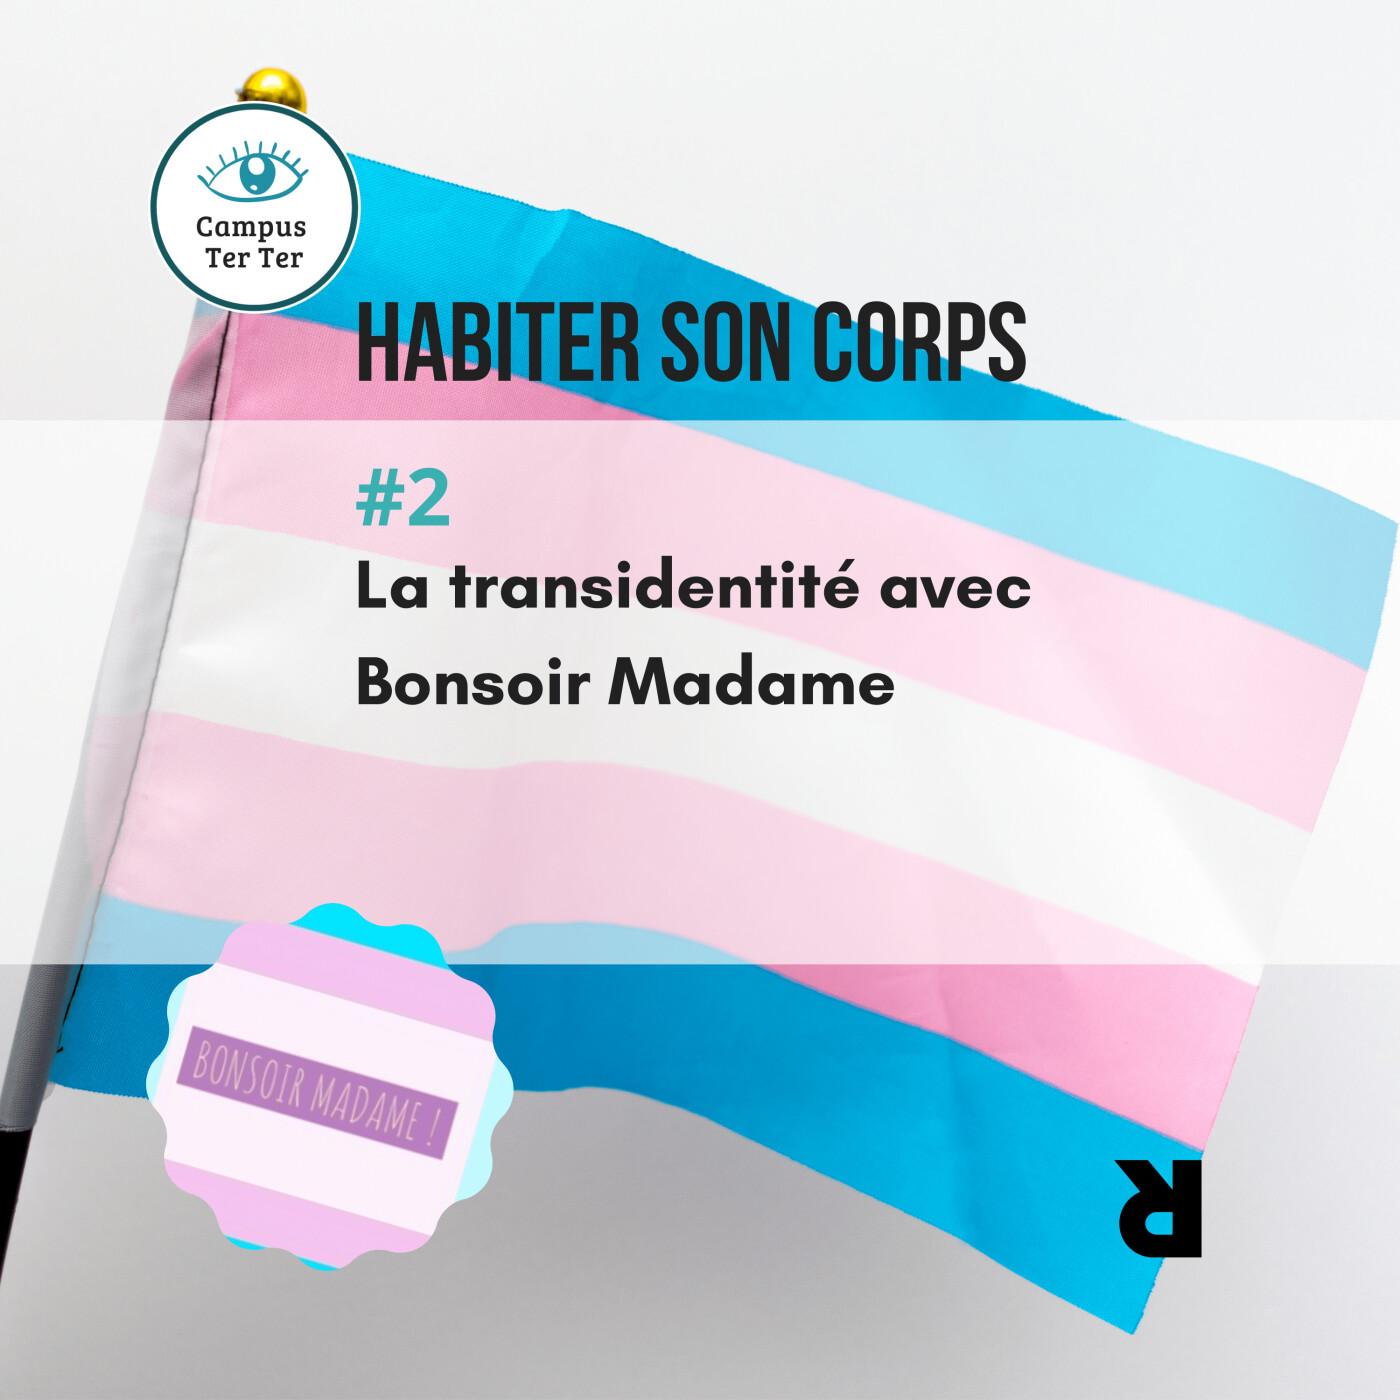 CAMPUS TER TER #2 - La transidentité